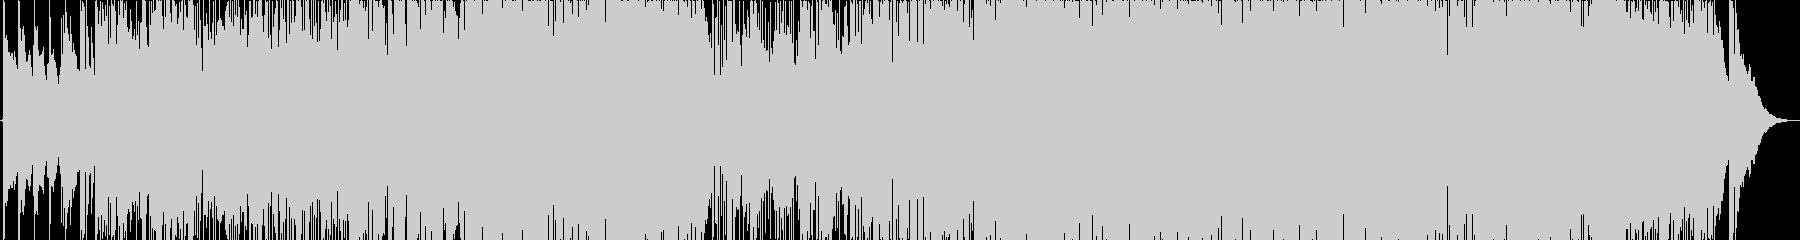 心地よい3ピースバンドサウンドの未再生の波形